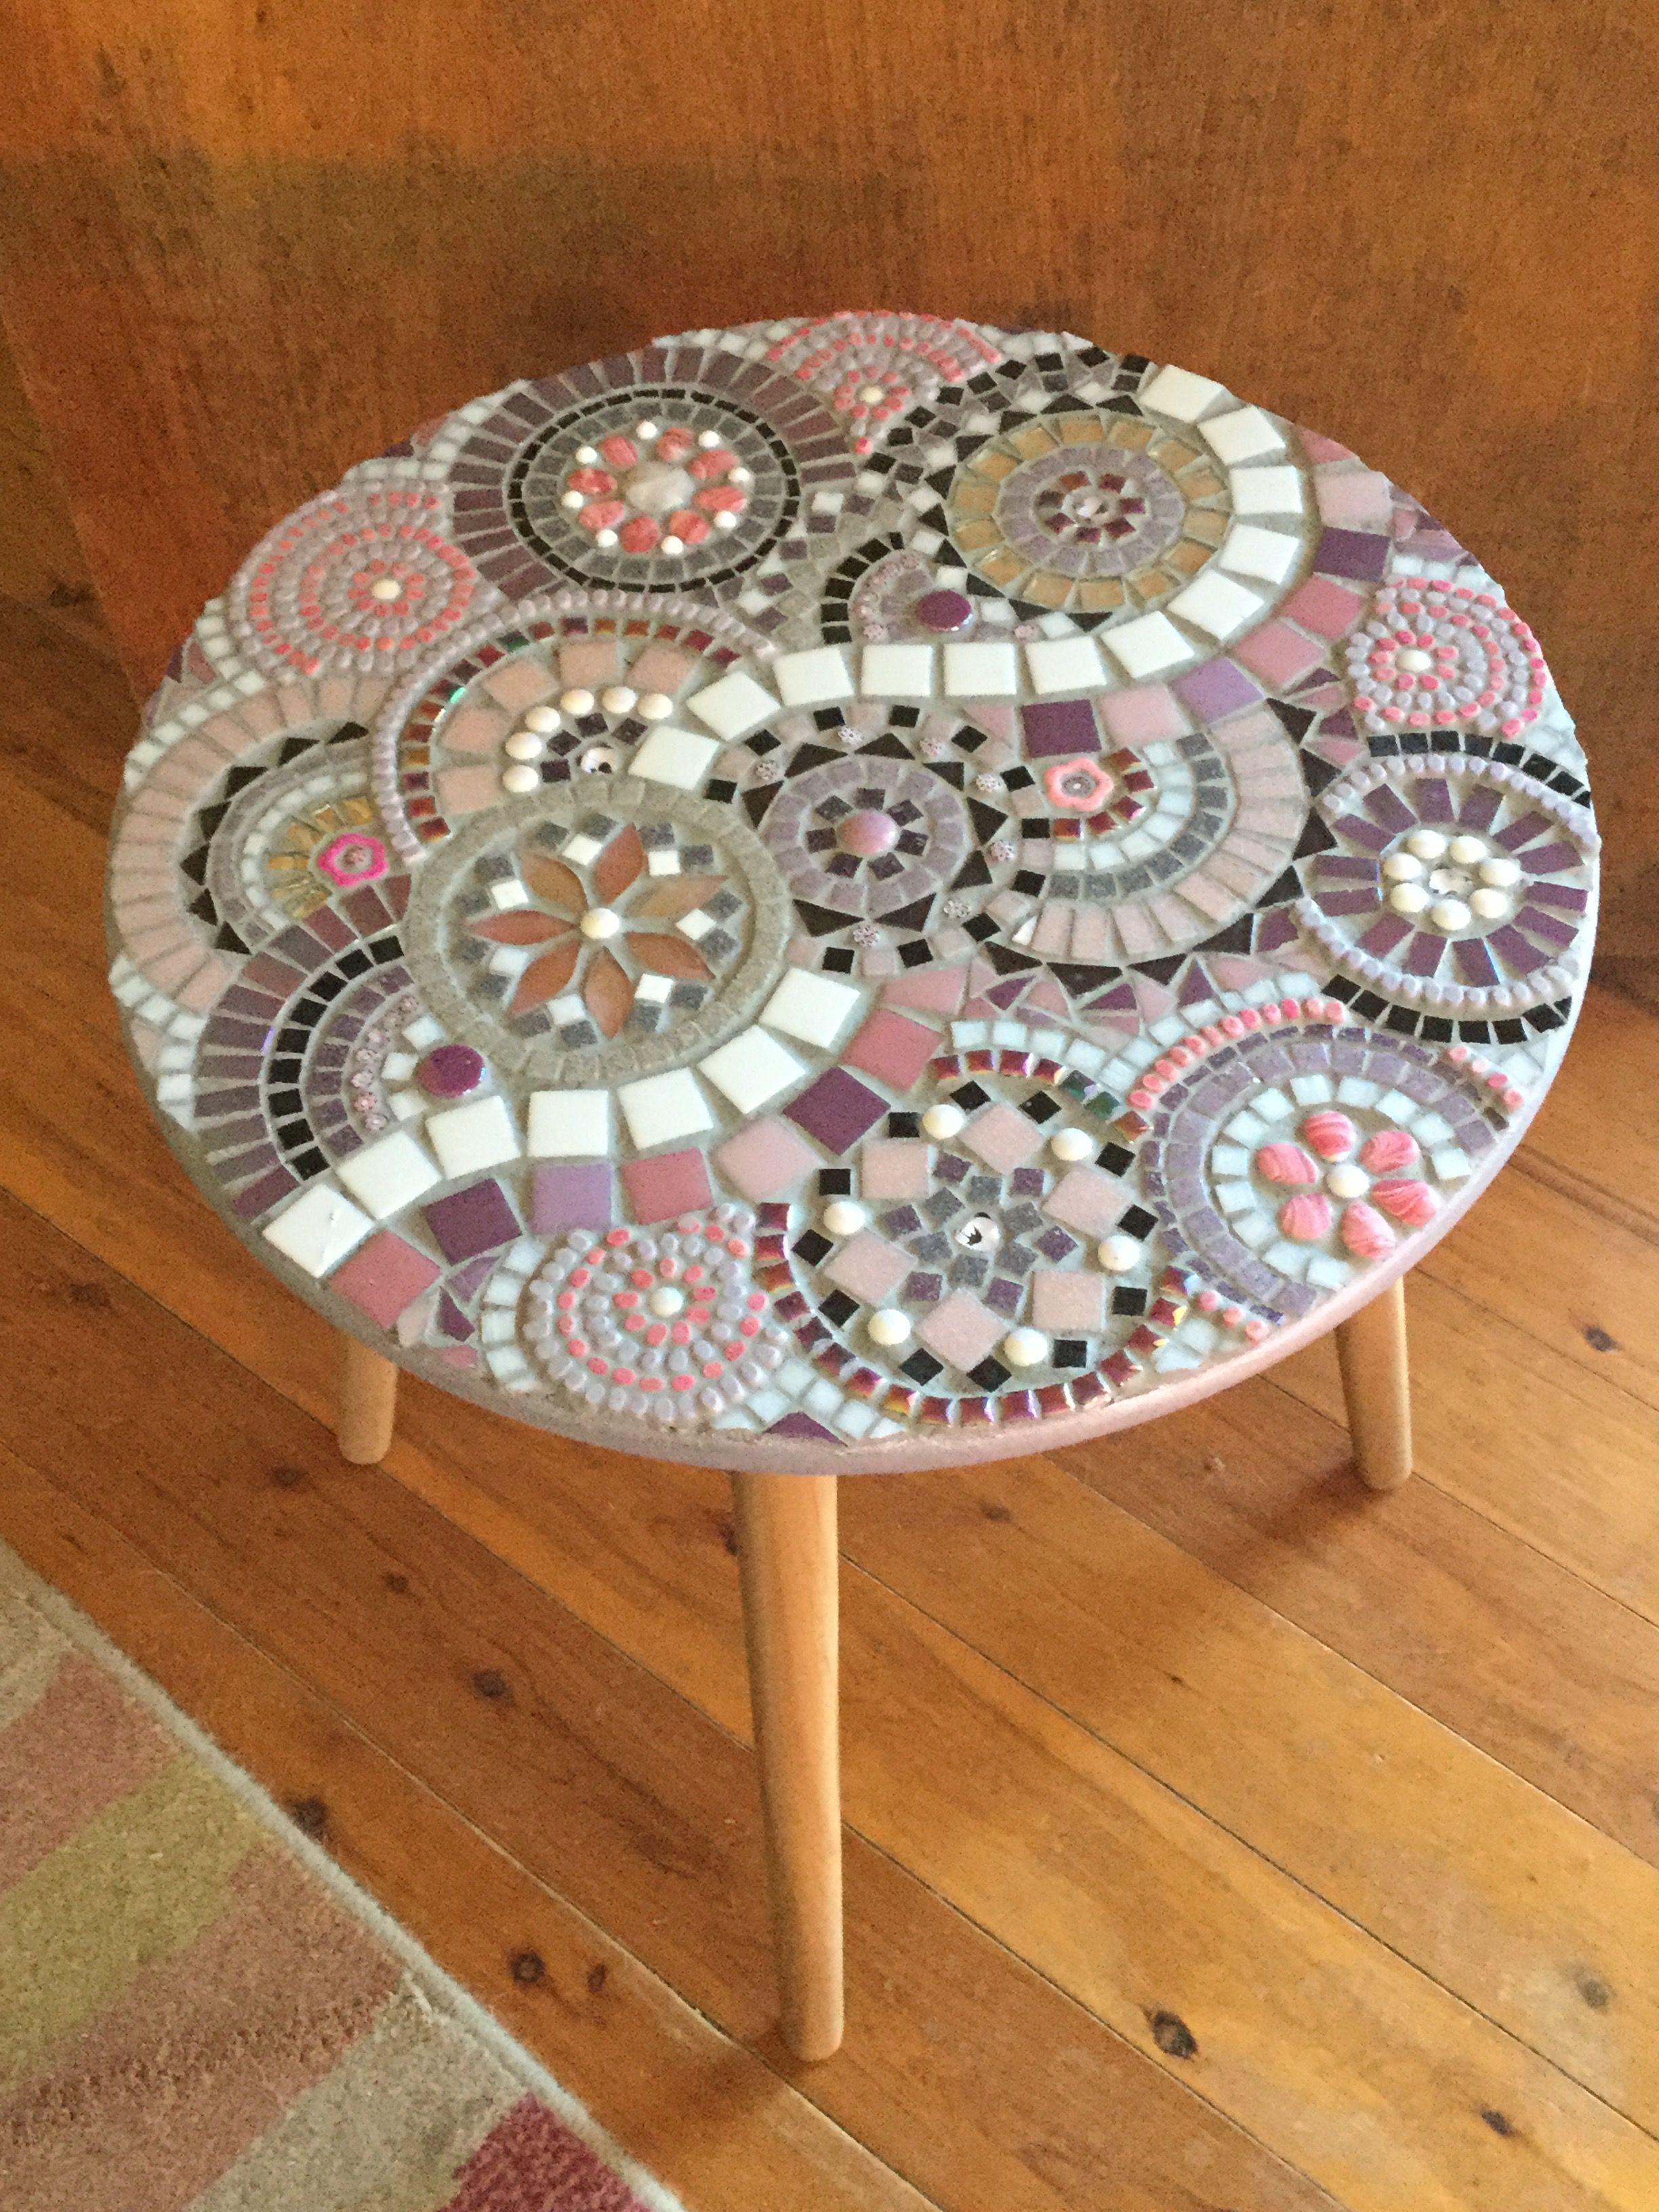 Pin von Eugenia Torres auf Mosaiquismo | Pinterest | Mosaik ...